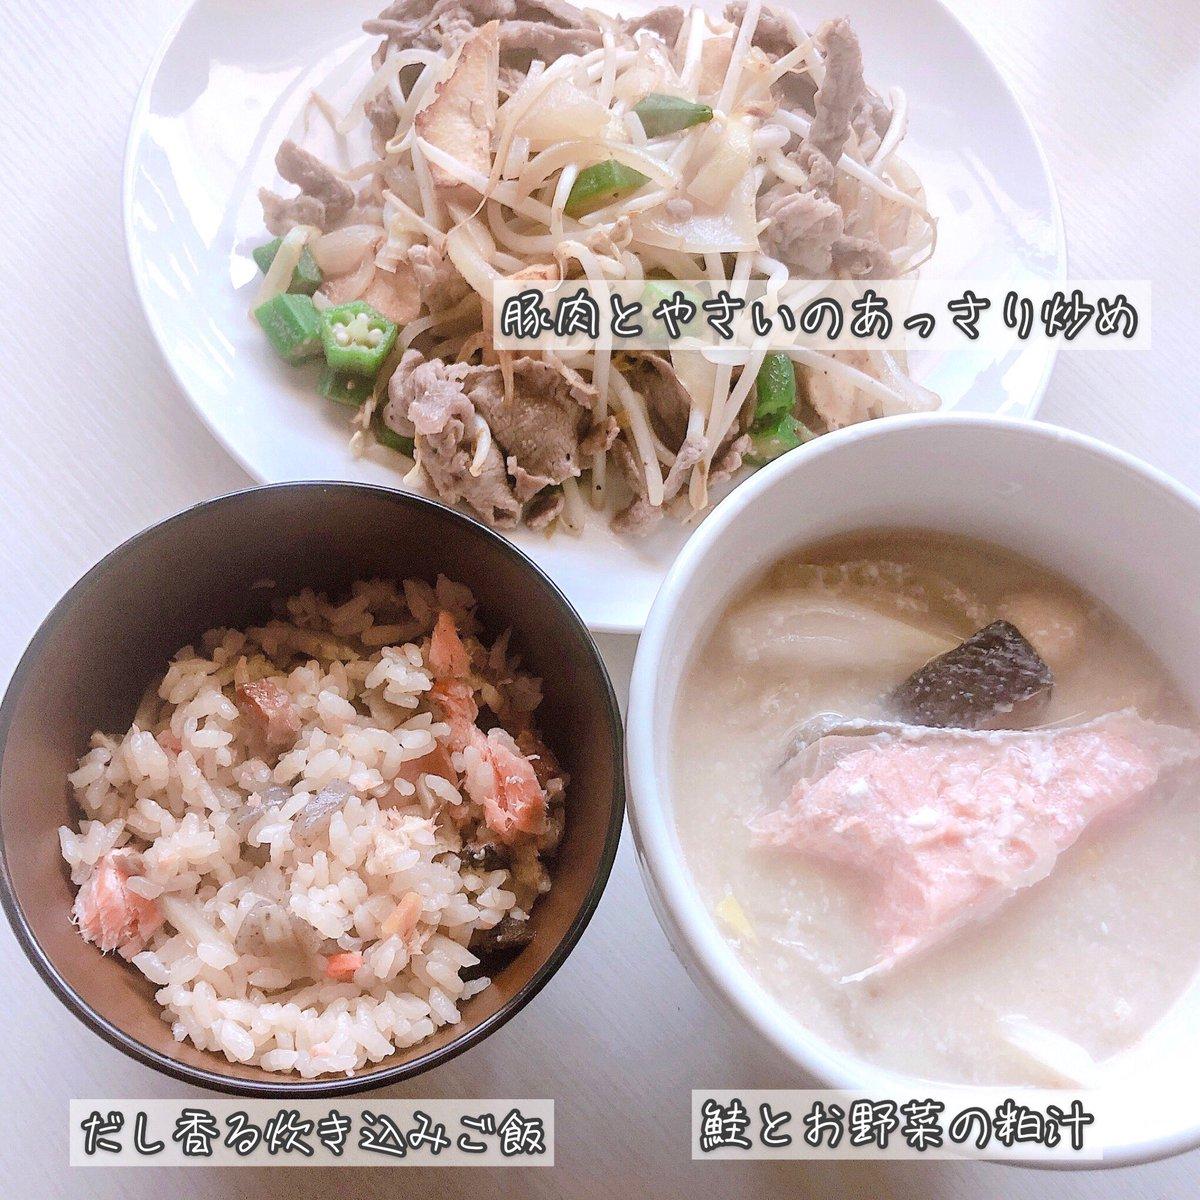 カフェするとしたら どんな名前つけるか考えた。 もはやつくるだけじゃ、ものたらんくなった。  ヘレンさんの炊き込みご飯 お出しを使わせていただきました。  #food #japan #follow #followme #likeforlike #follow4follow #followers  #follower #following #フォロー #フォロー大歓迎 #フォロー